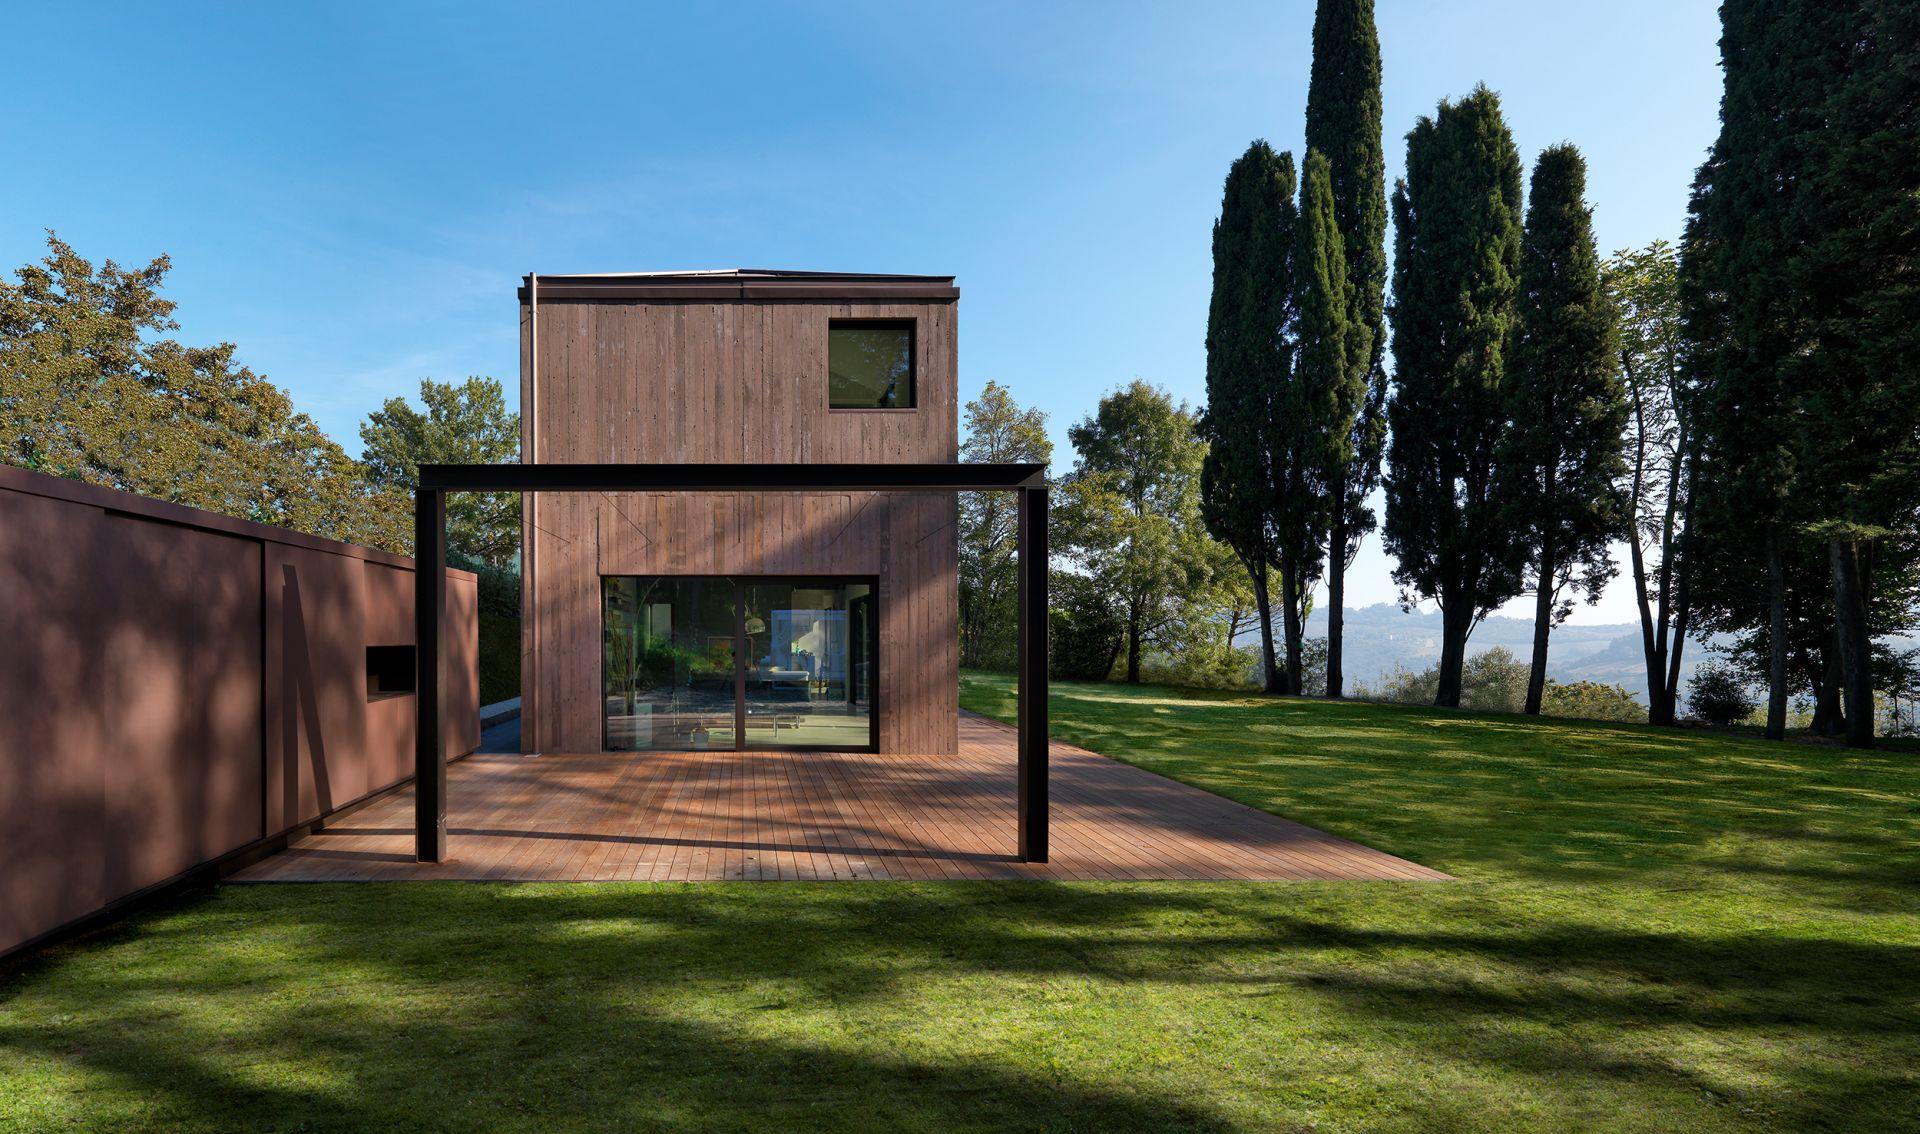 Antonio Iascone Architetto